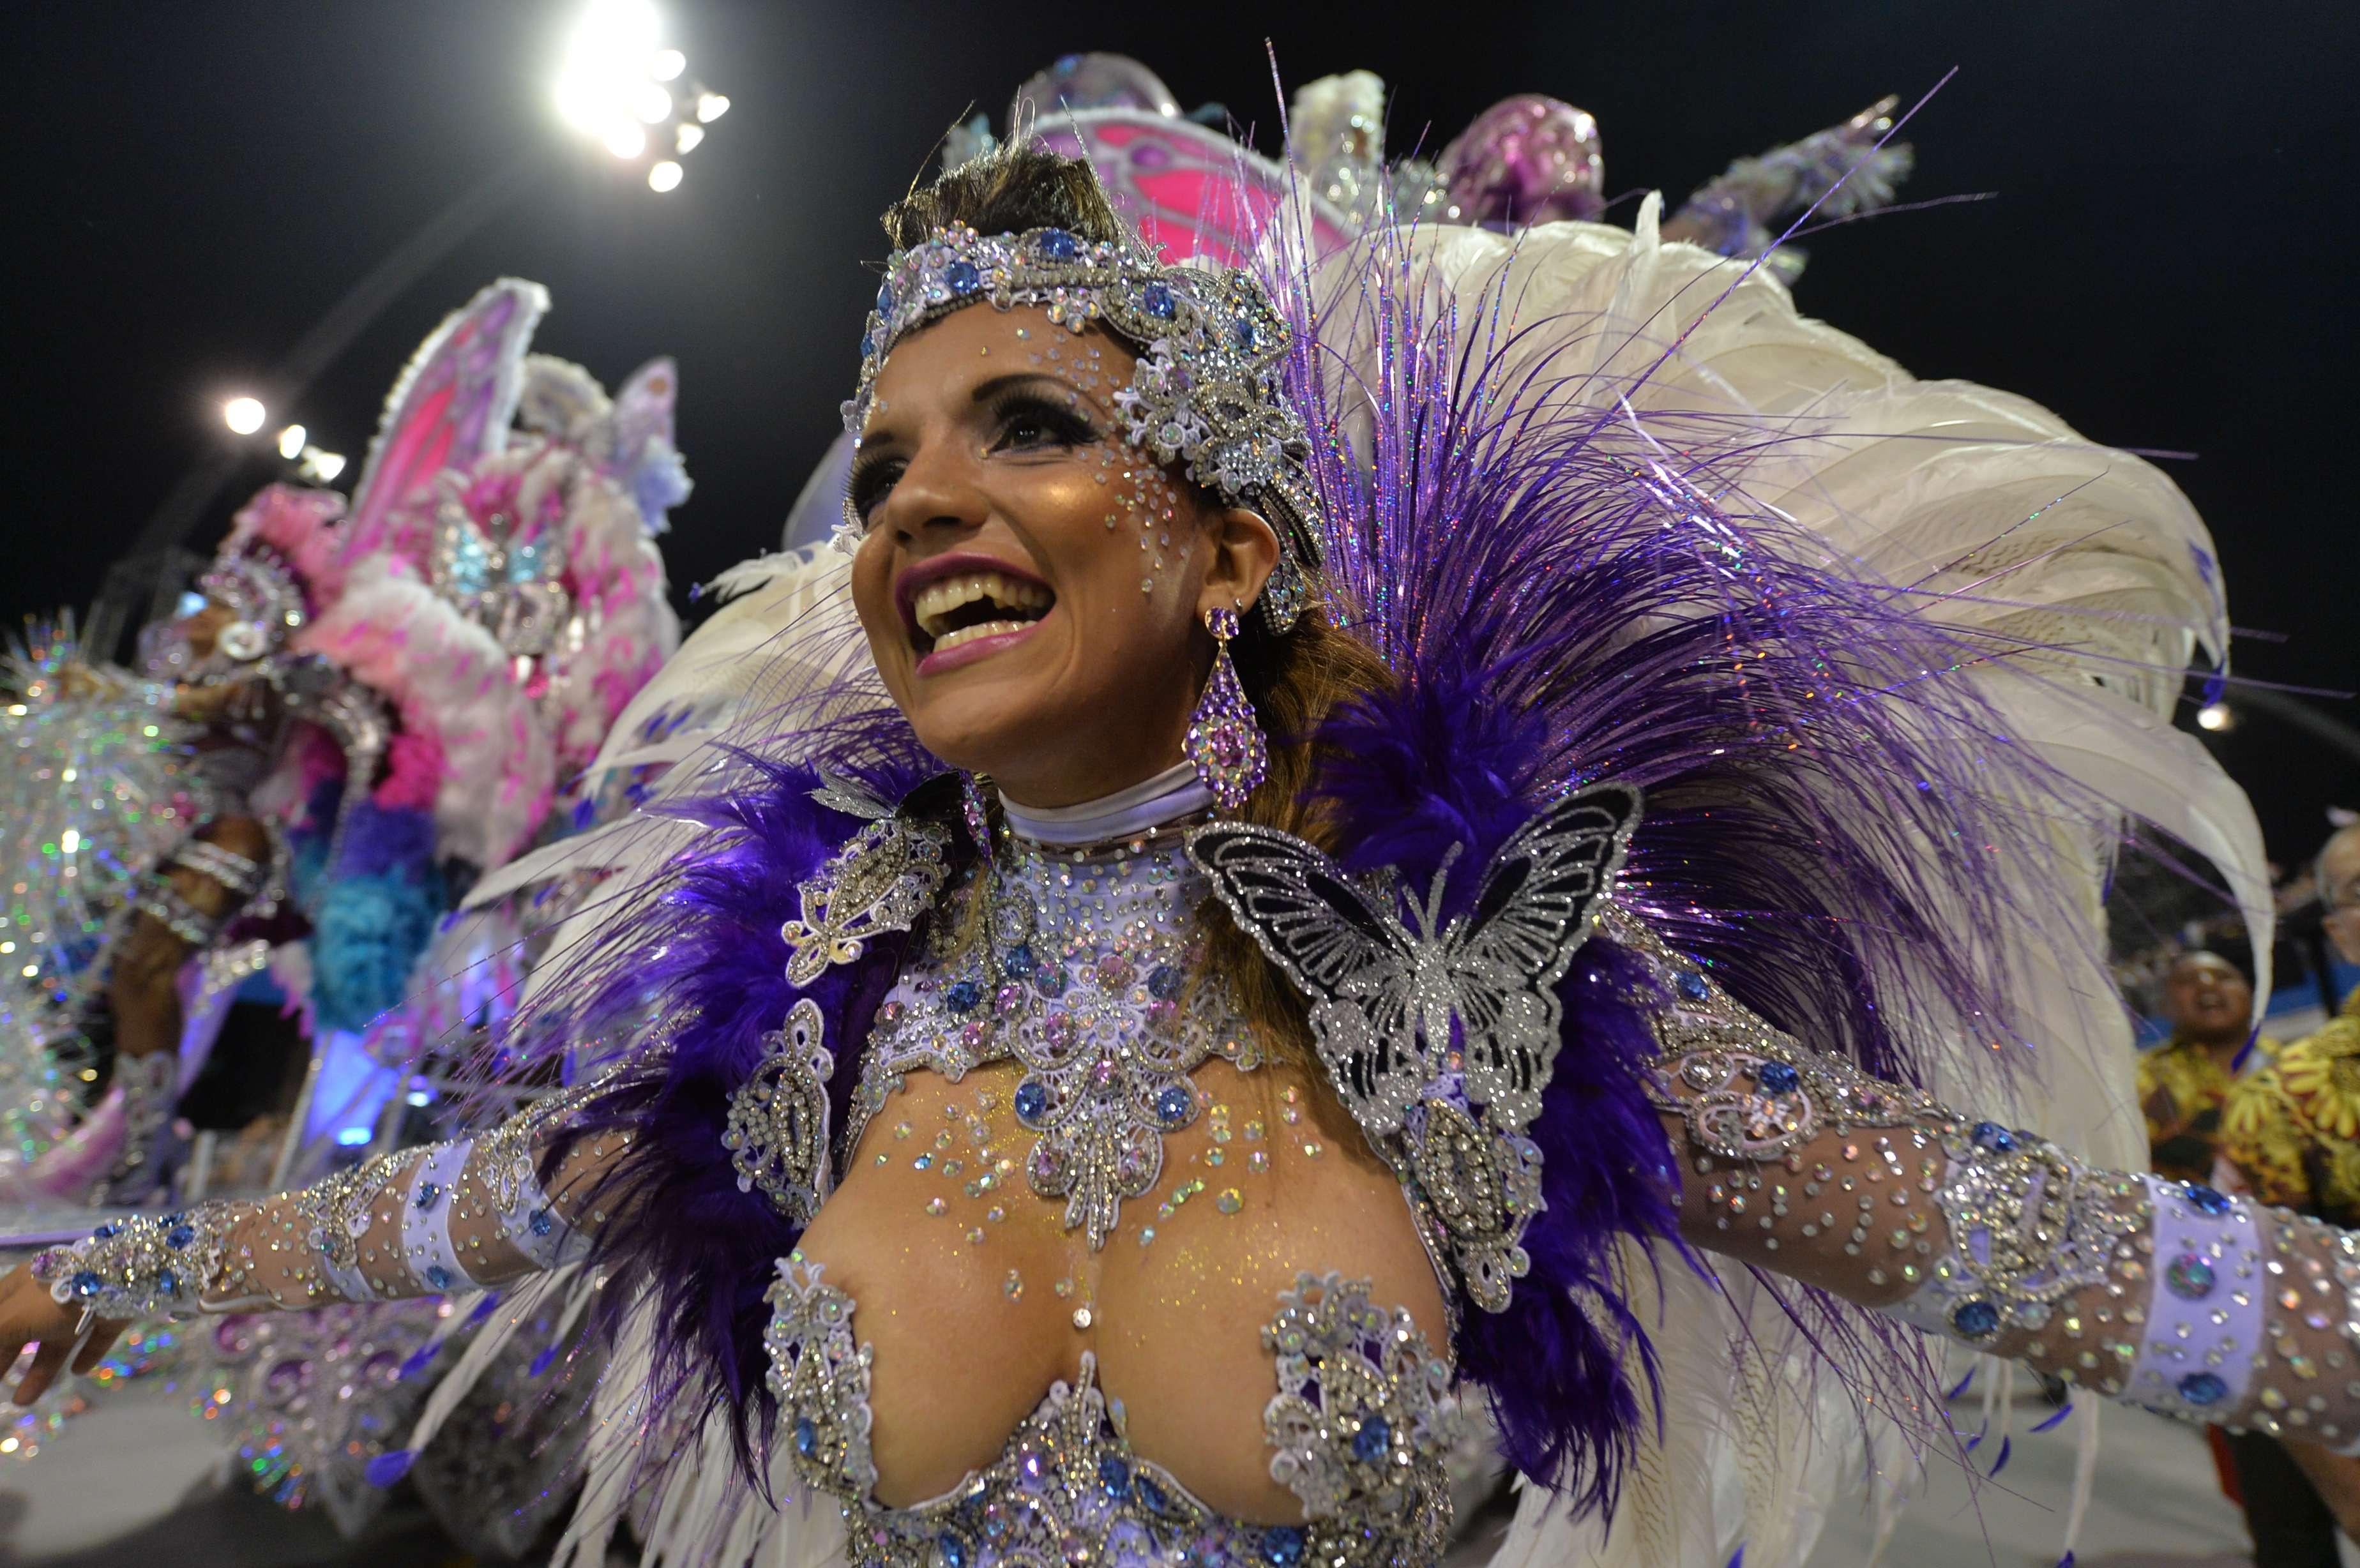 A Mocidade Alegre confirmou na terça-feira o tricampeonato consecutivo do Grupo Especial do Carnaval de São Paulo. E as musas ajudaram a agremiação em mais essa conquista Foto: AFP